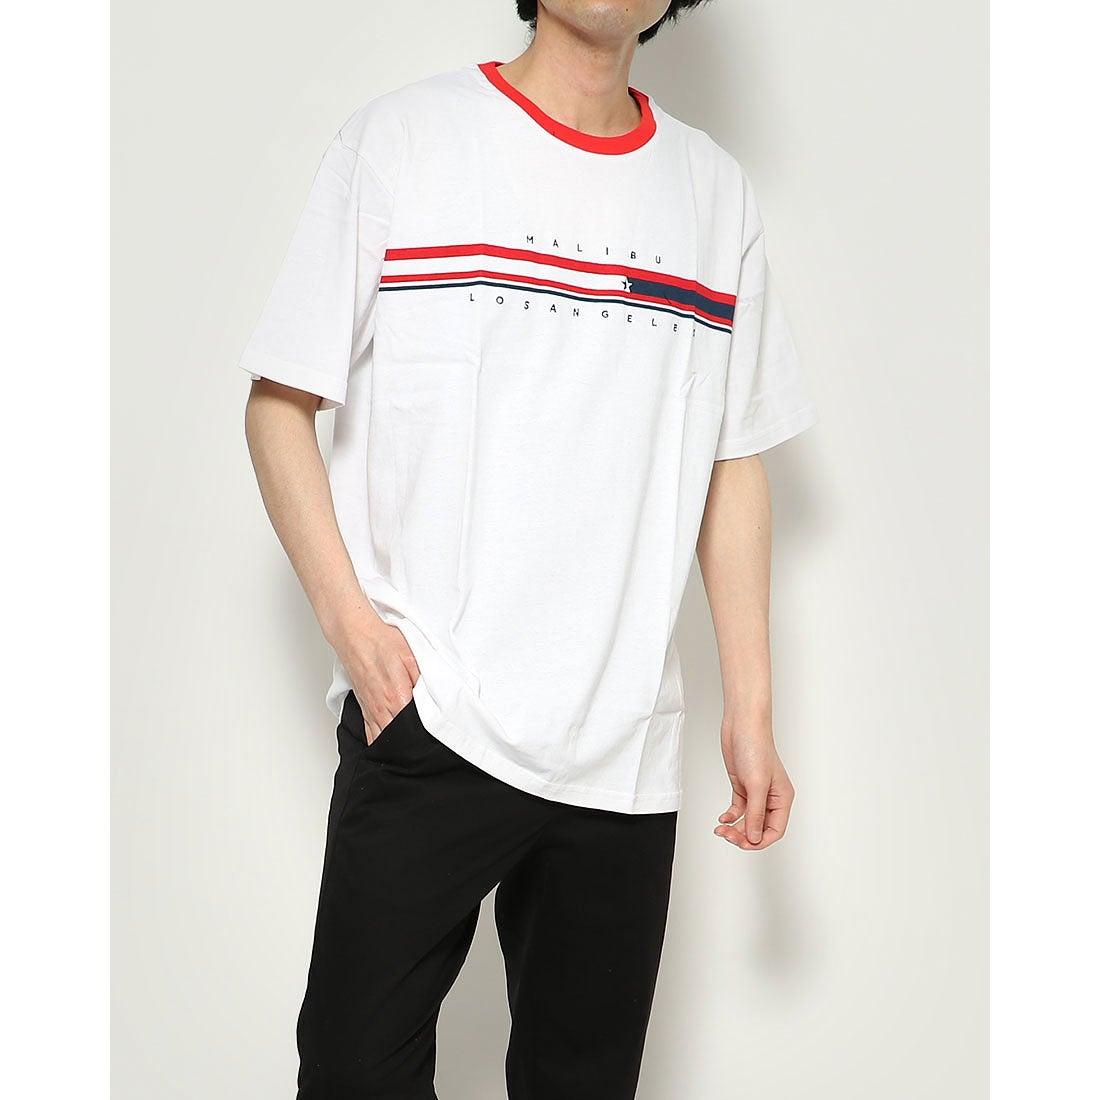 ロコンド 靴とファッションの通販サイトスタイルブロック STYLEBLOCK ビッグシルエットドロップショルダーリンガー襟半袖Tシャツカットソー (レッド)